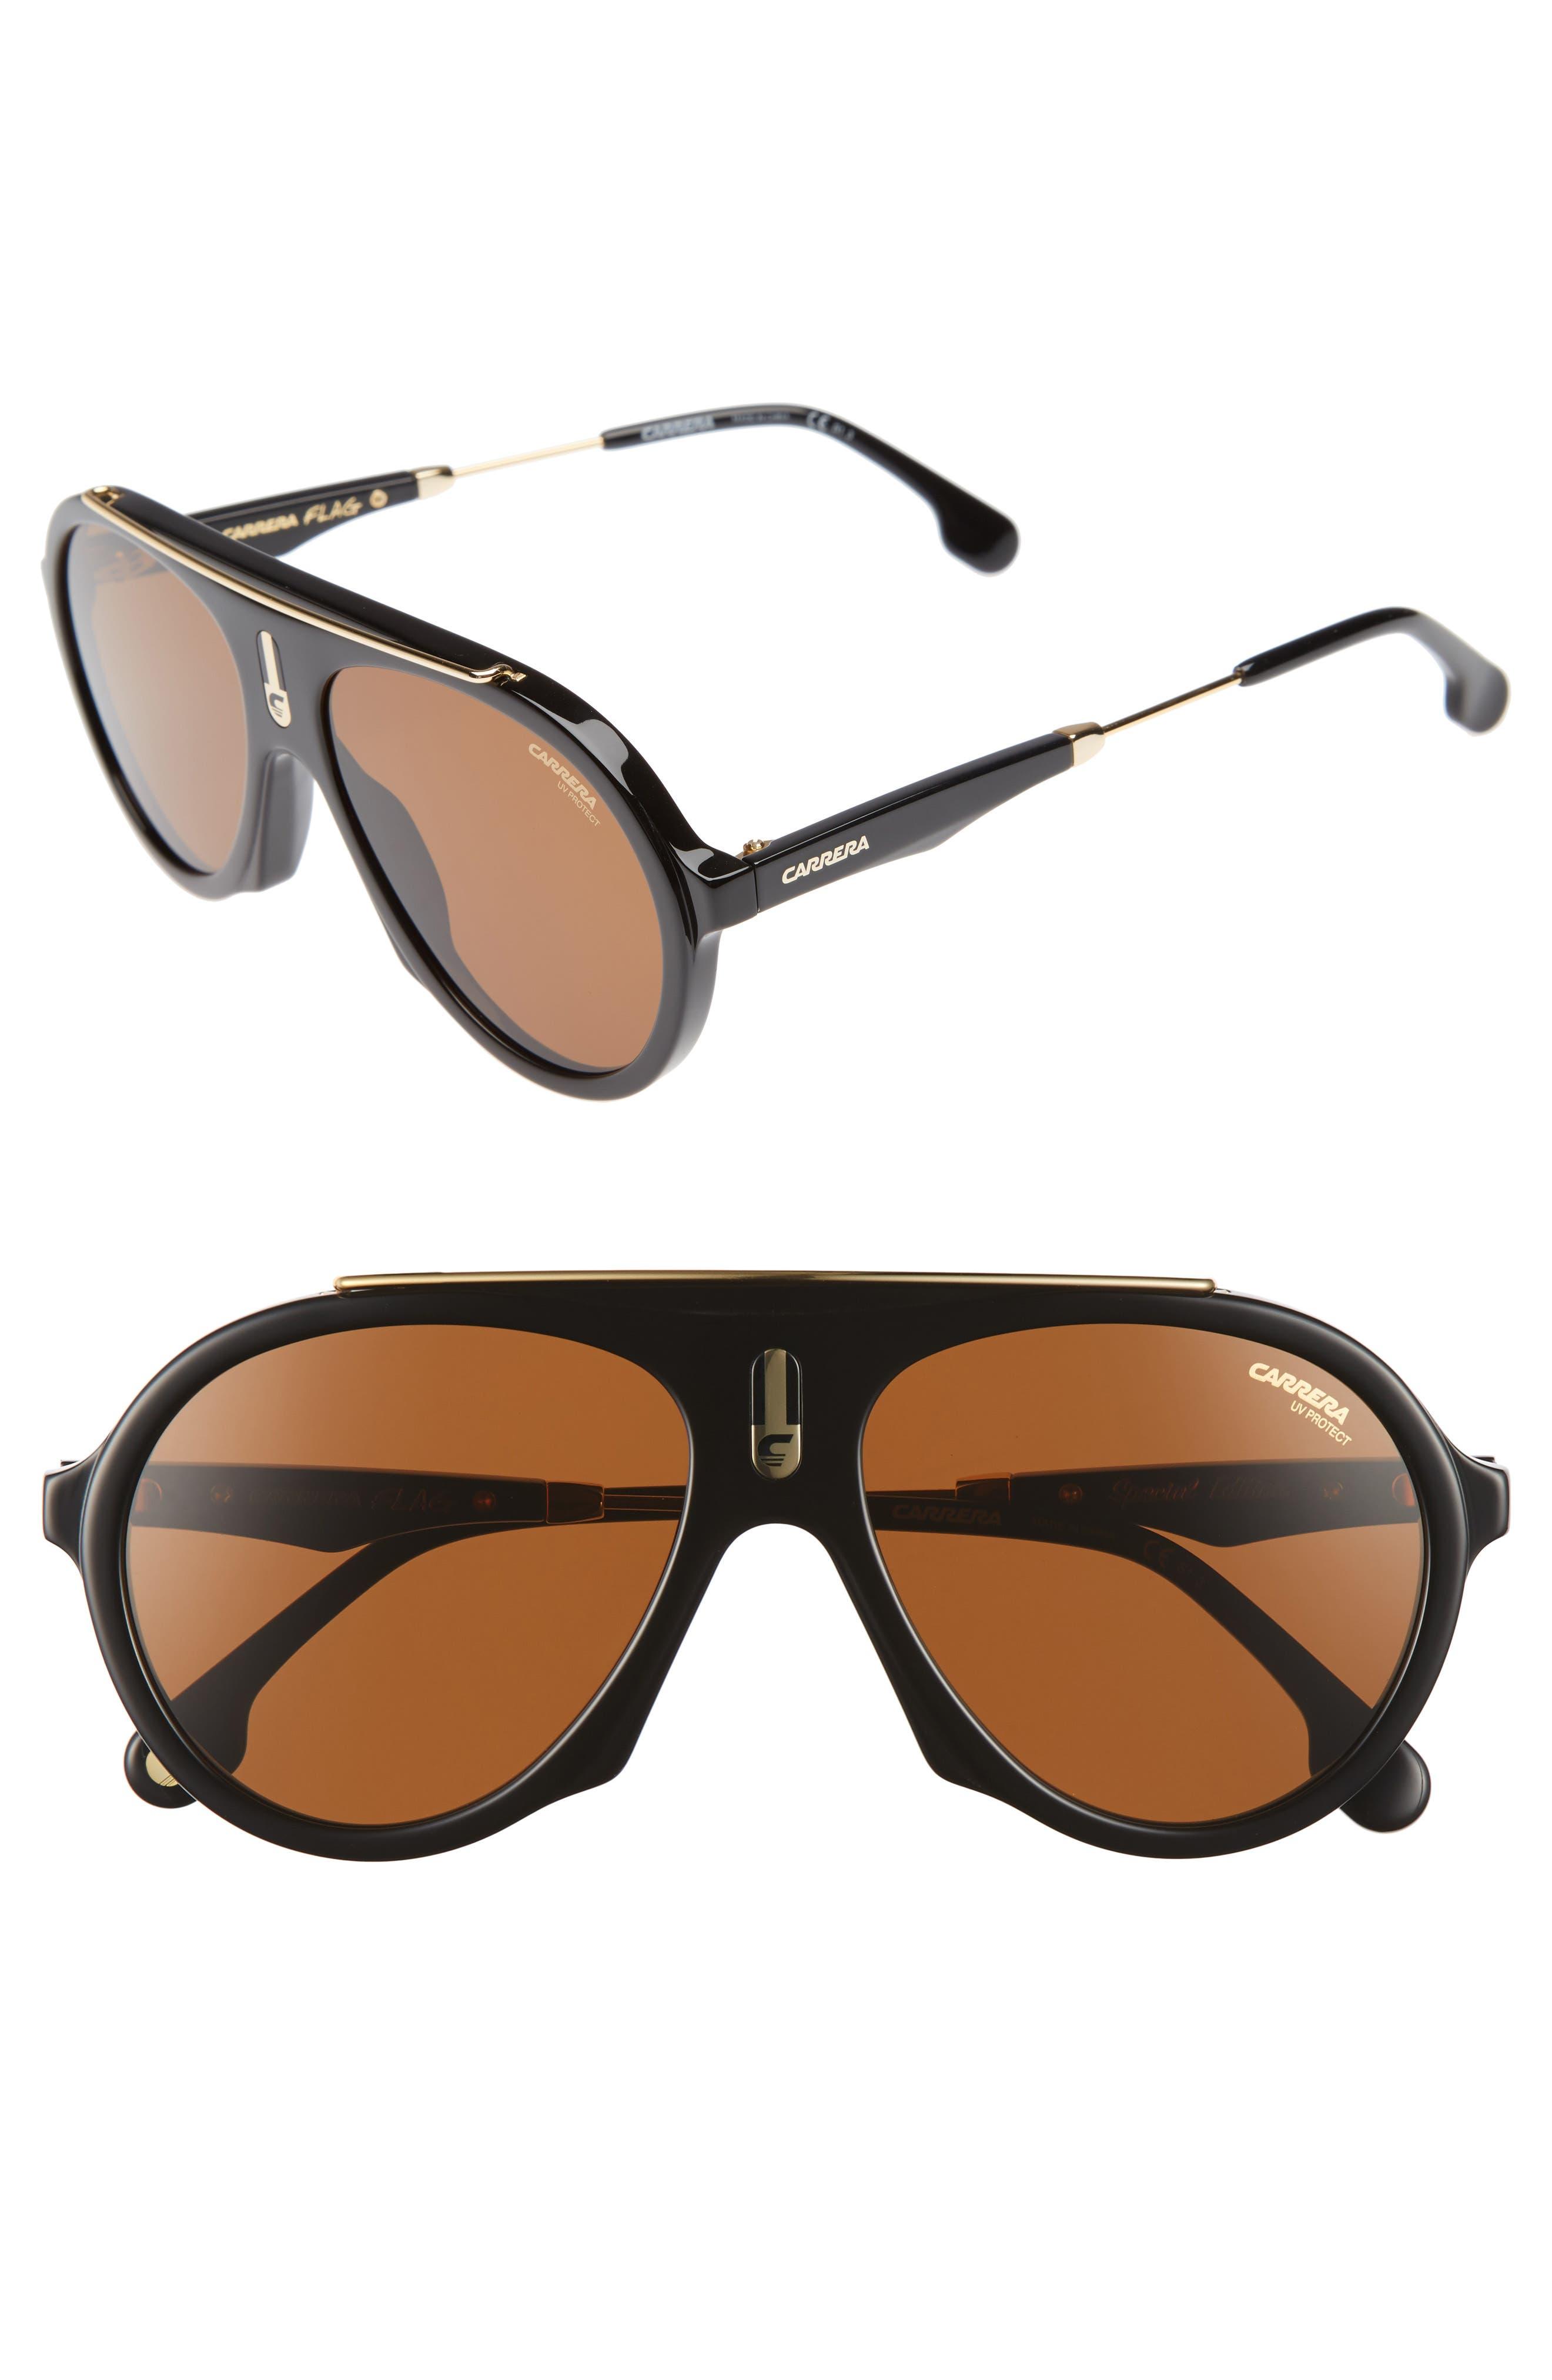 CARRERA EYEWEAR Flags 57mm Sunglasses